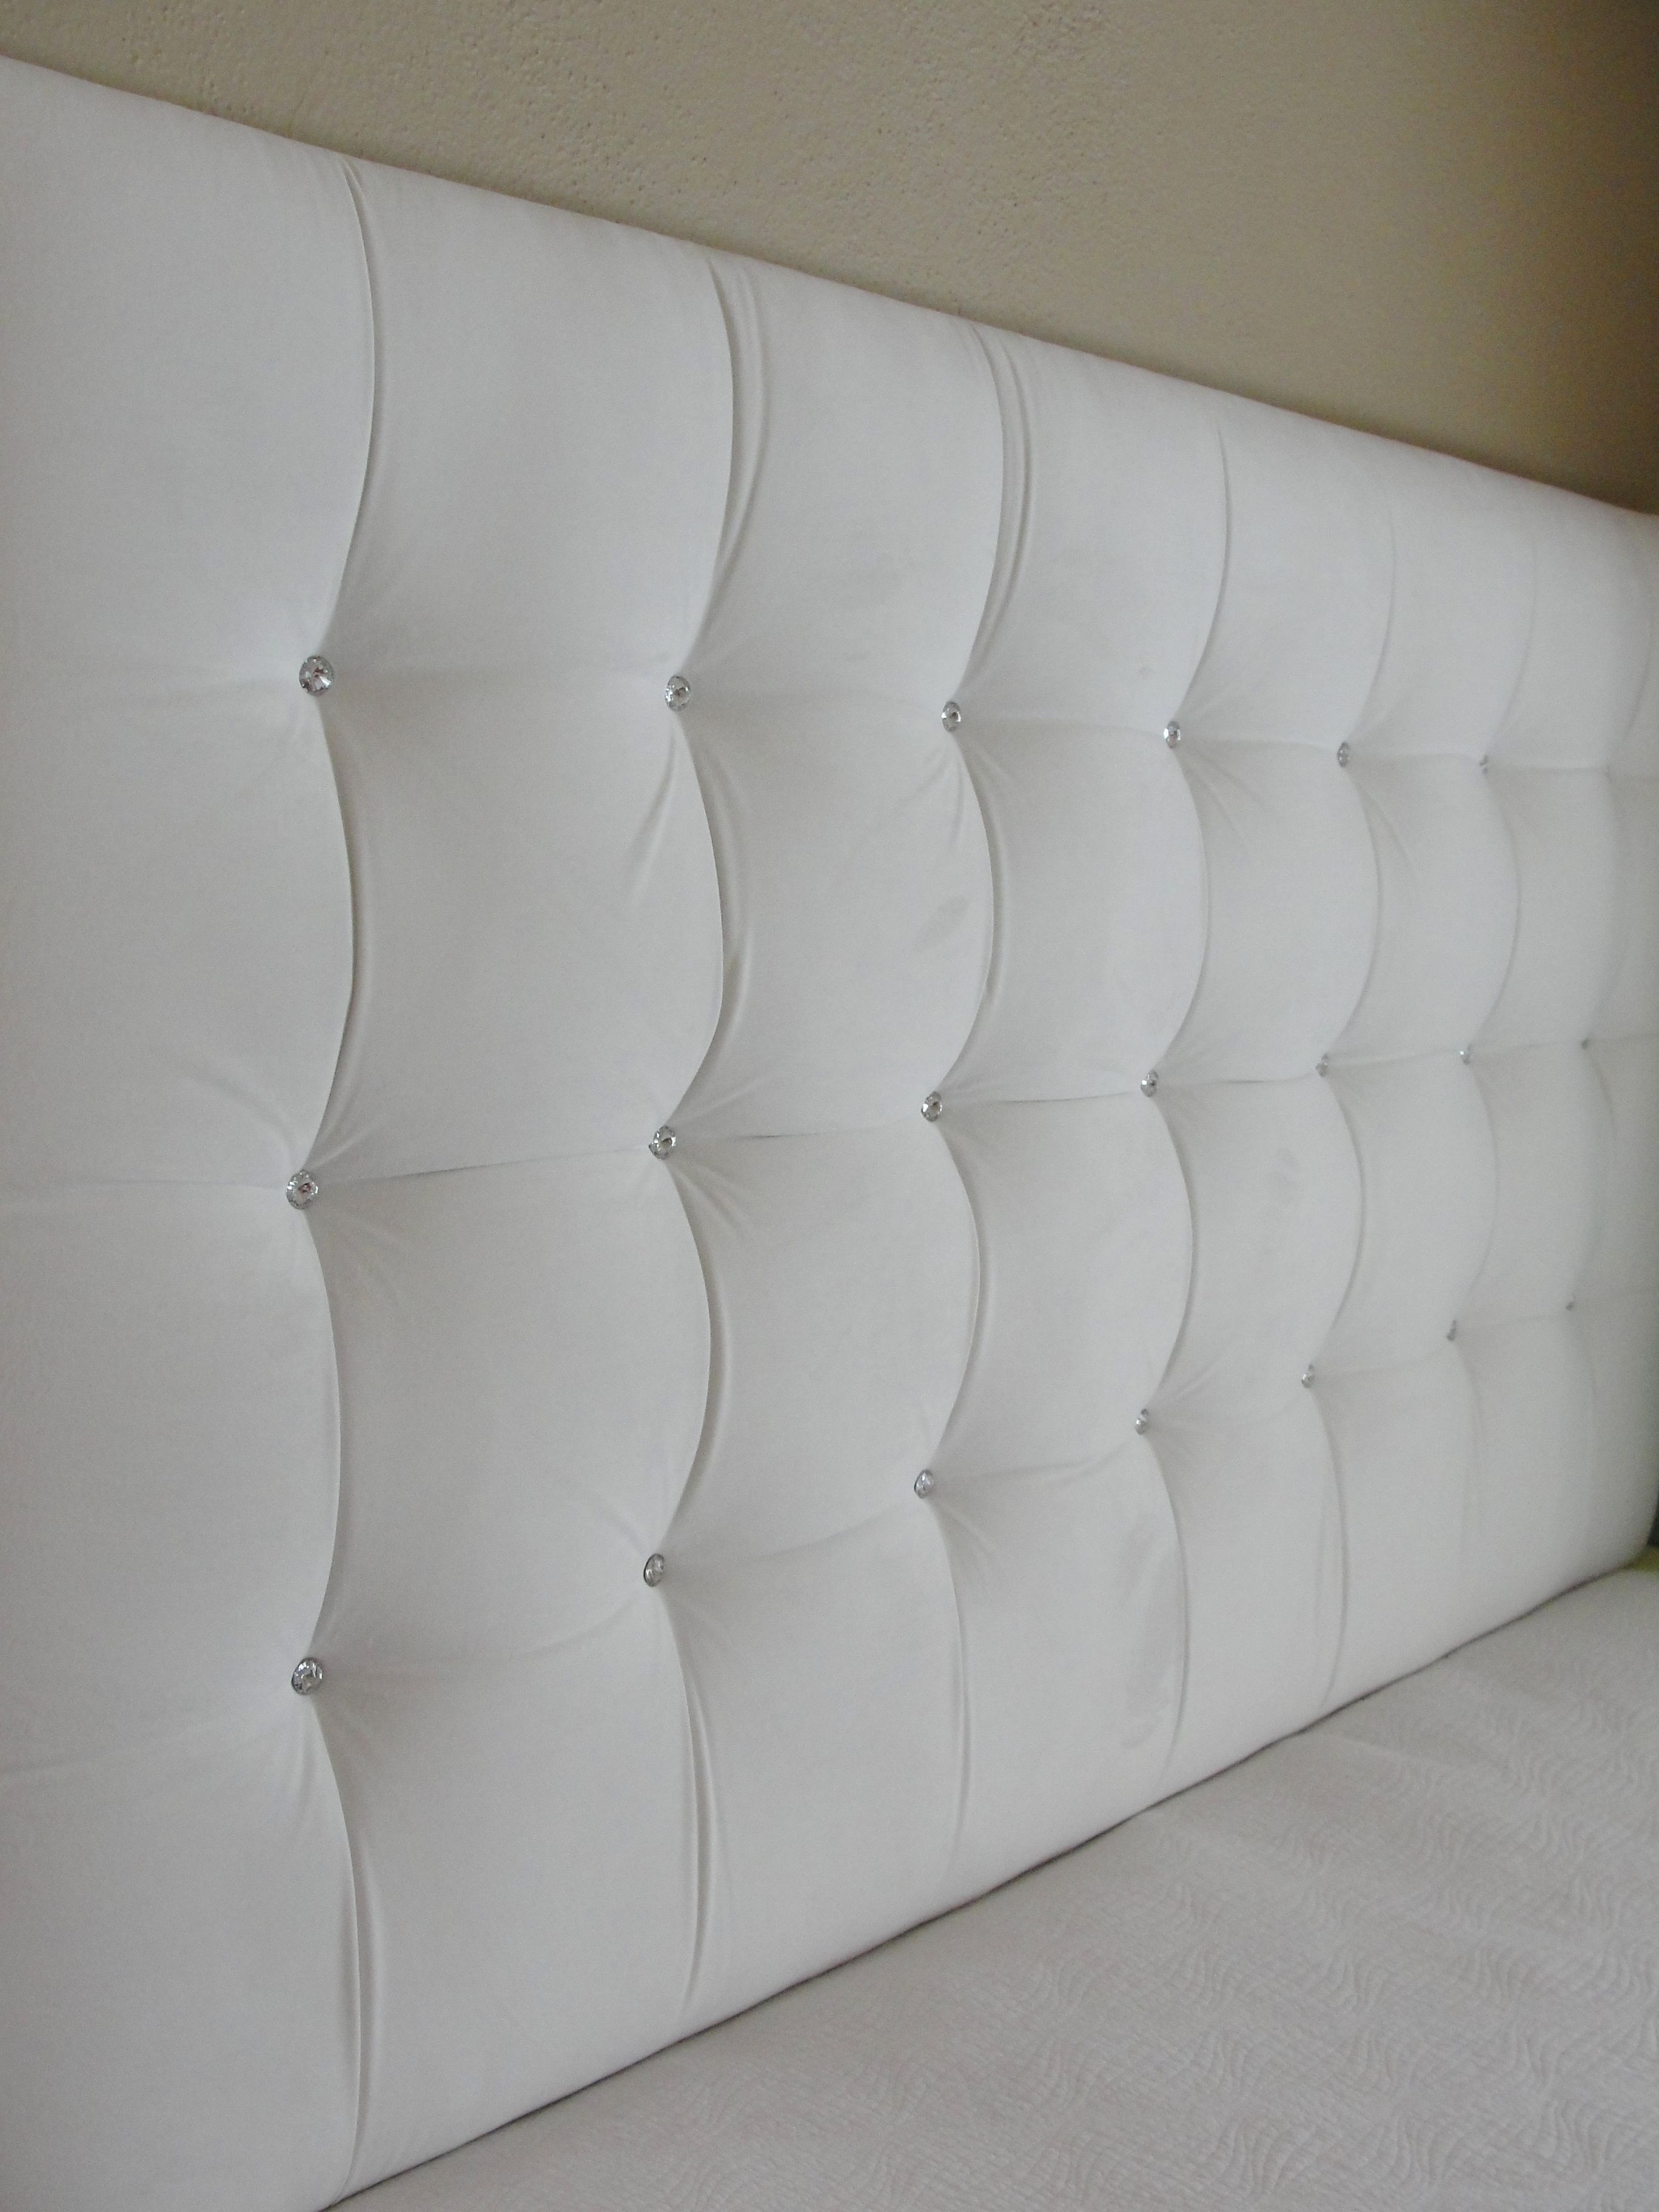 Tall White Velvet Square Tufted Upholstered Headboard Wall Mounted